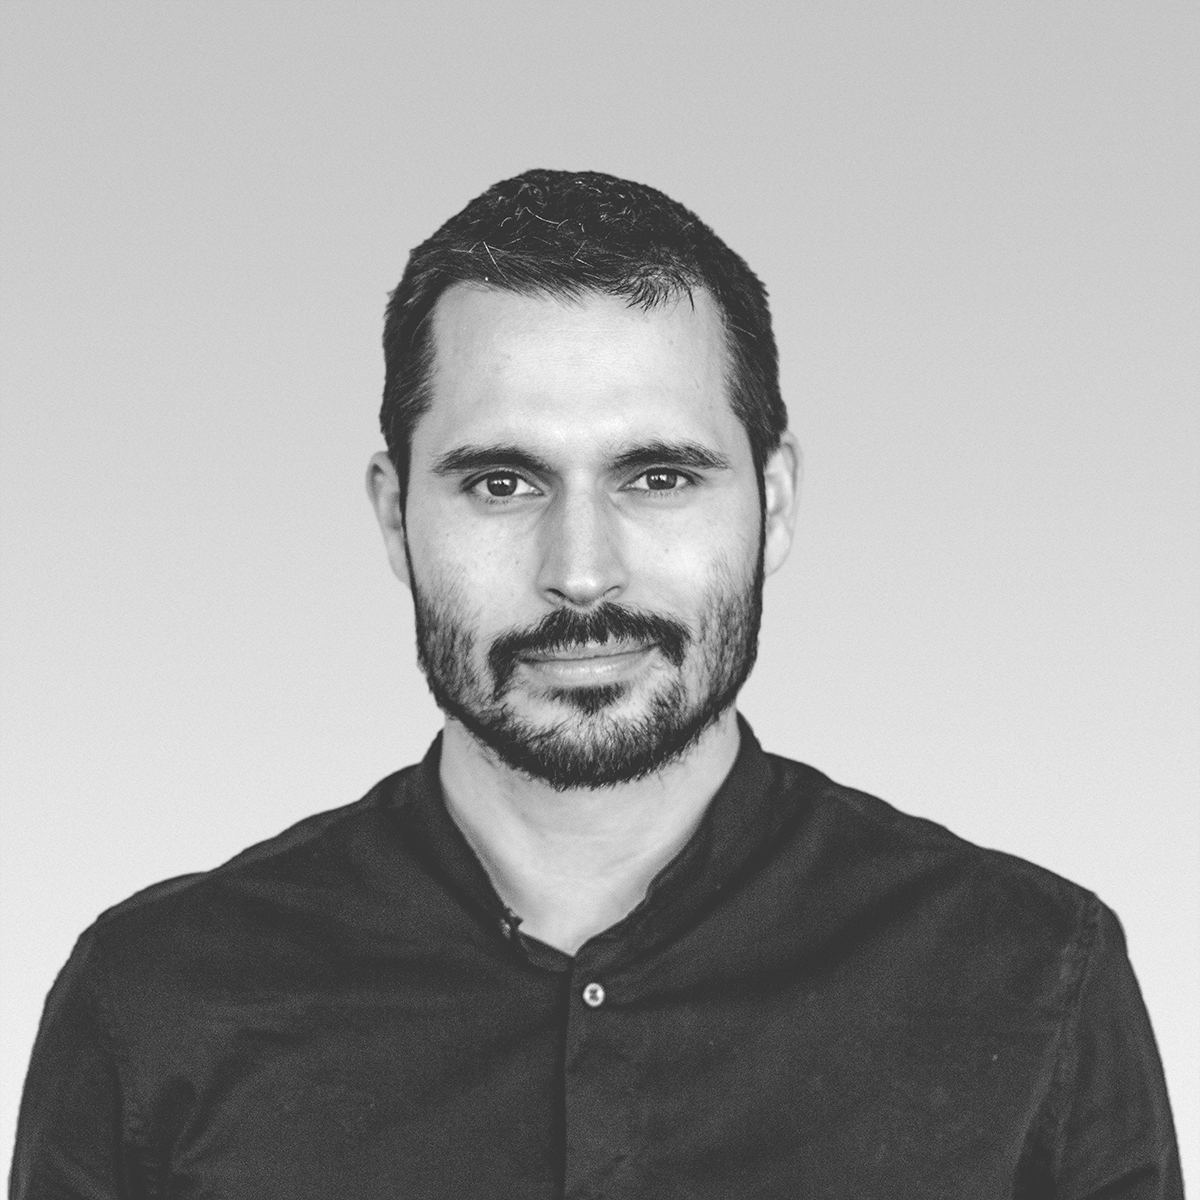 Geza Csire - CEO // Research & Development